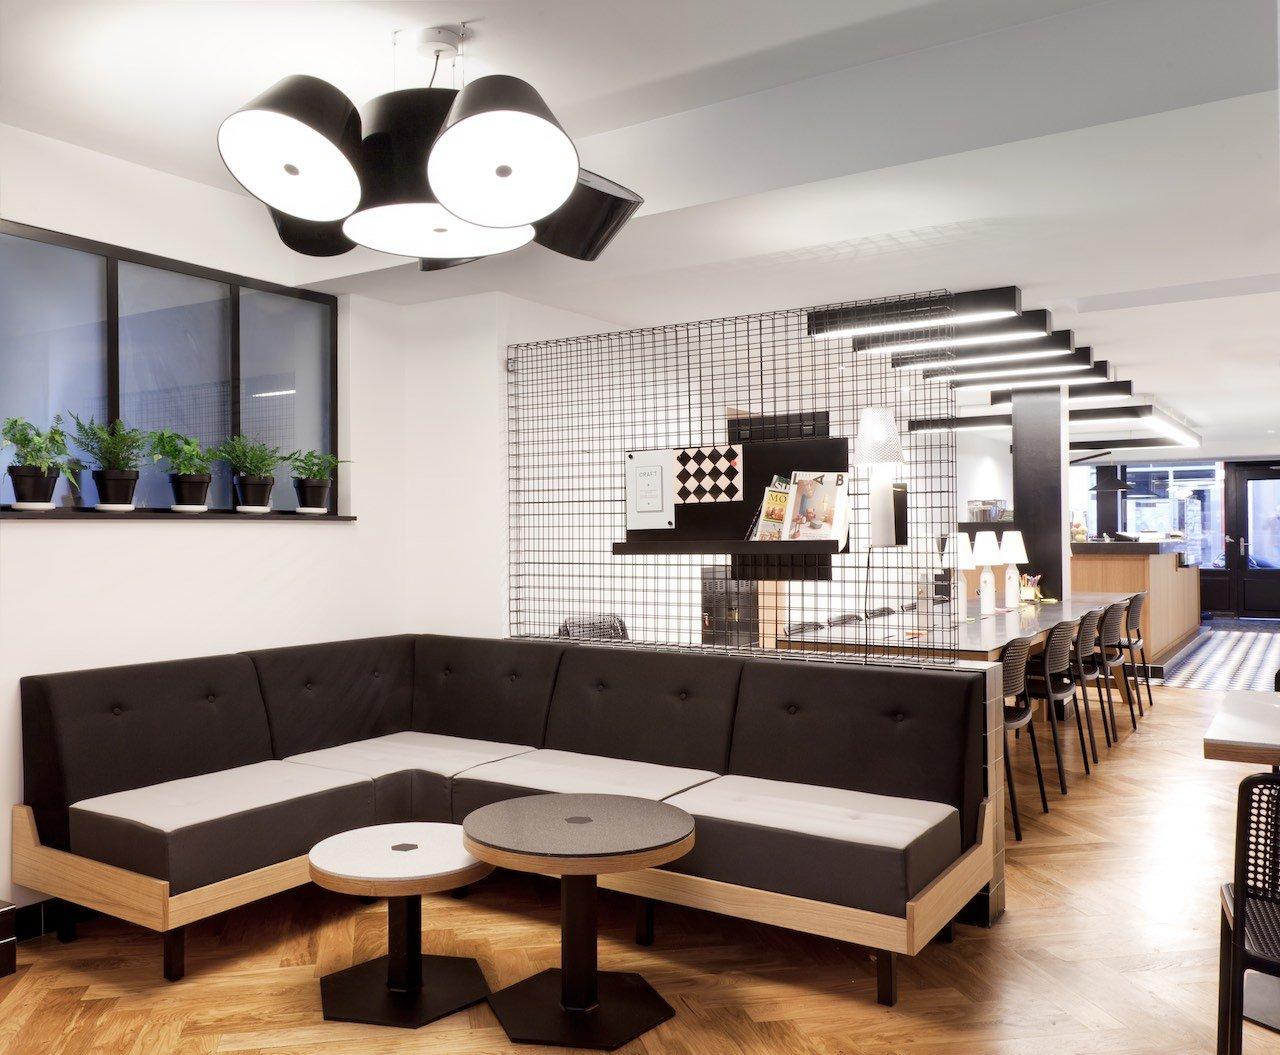 Cafe Craft   Photo: Samuel Kirszenbaum